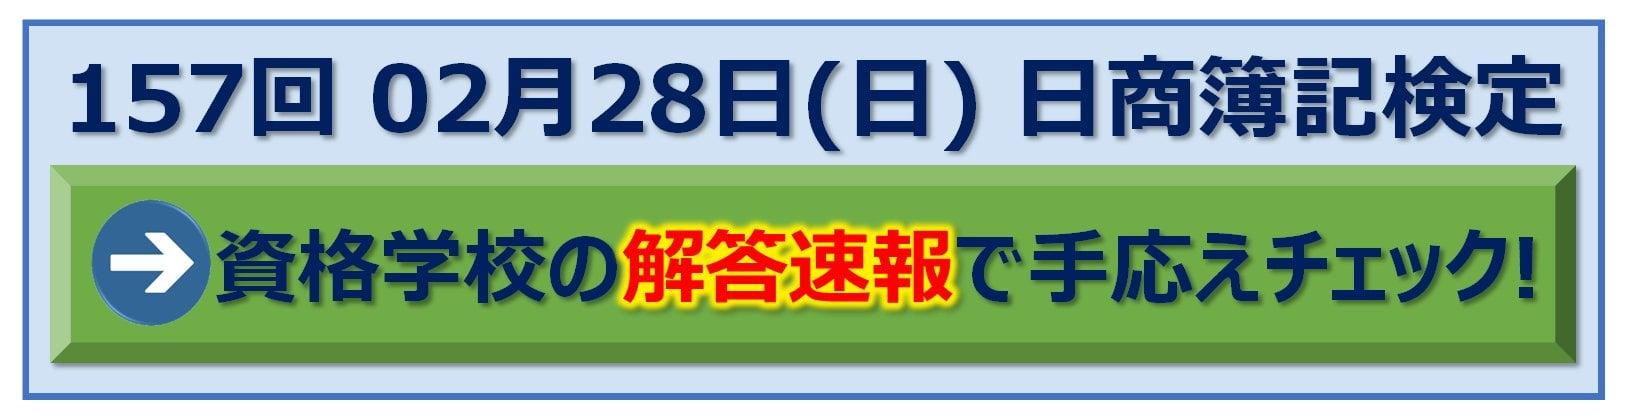 日商簿記検定試験第157回解答速報